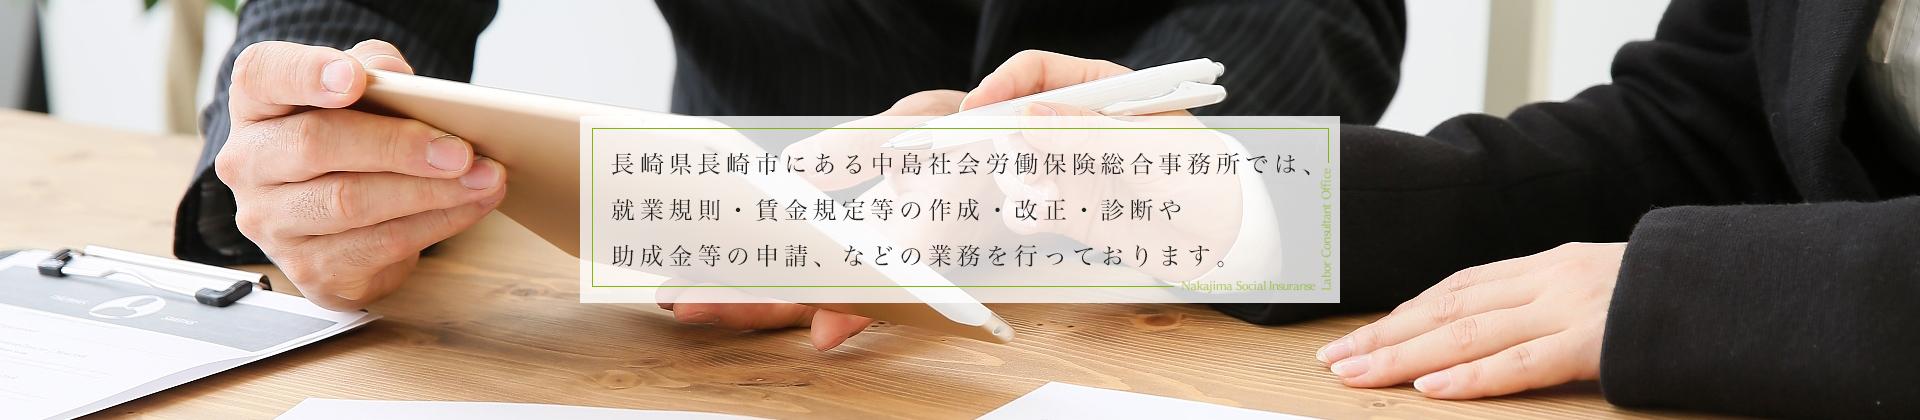 長崎県長崎市にある中島社会労働保険総合事務所では就業規則・賃金規定等の作成・改正・診断や助成金等の申請などの業務を行っております